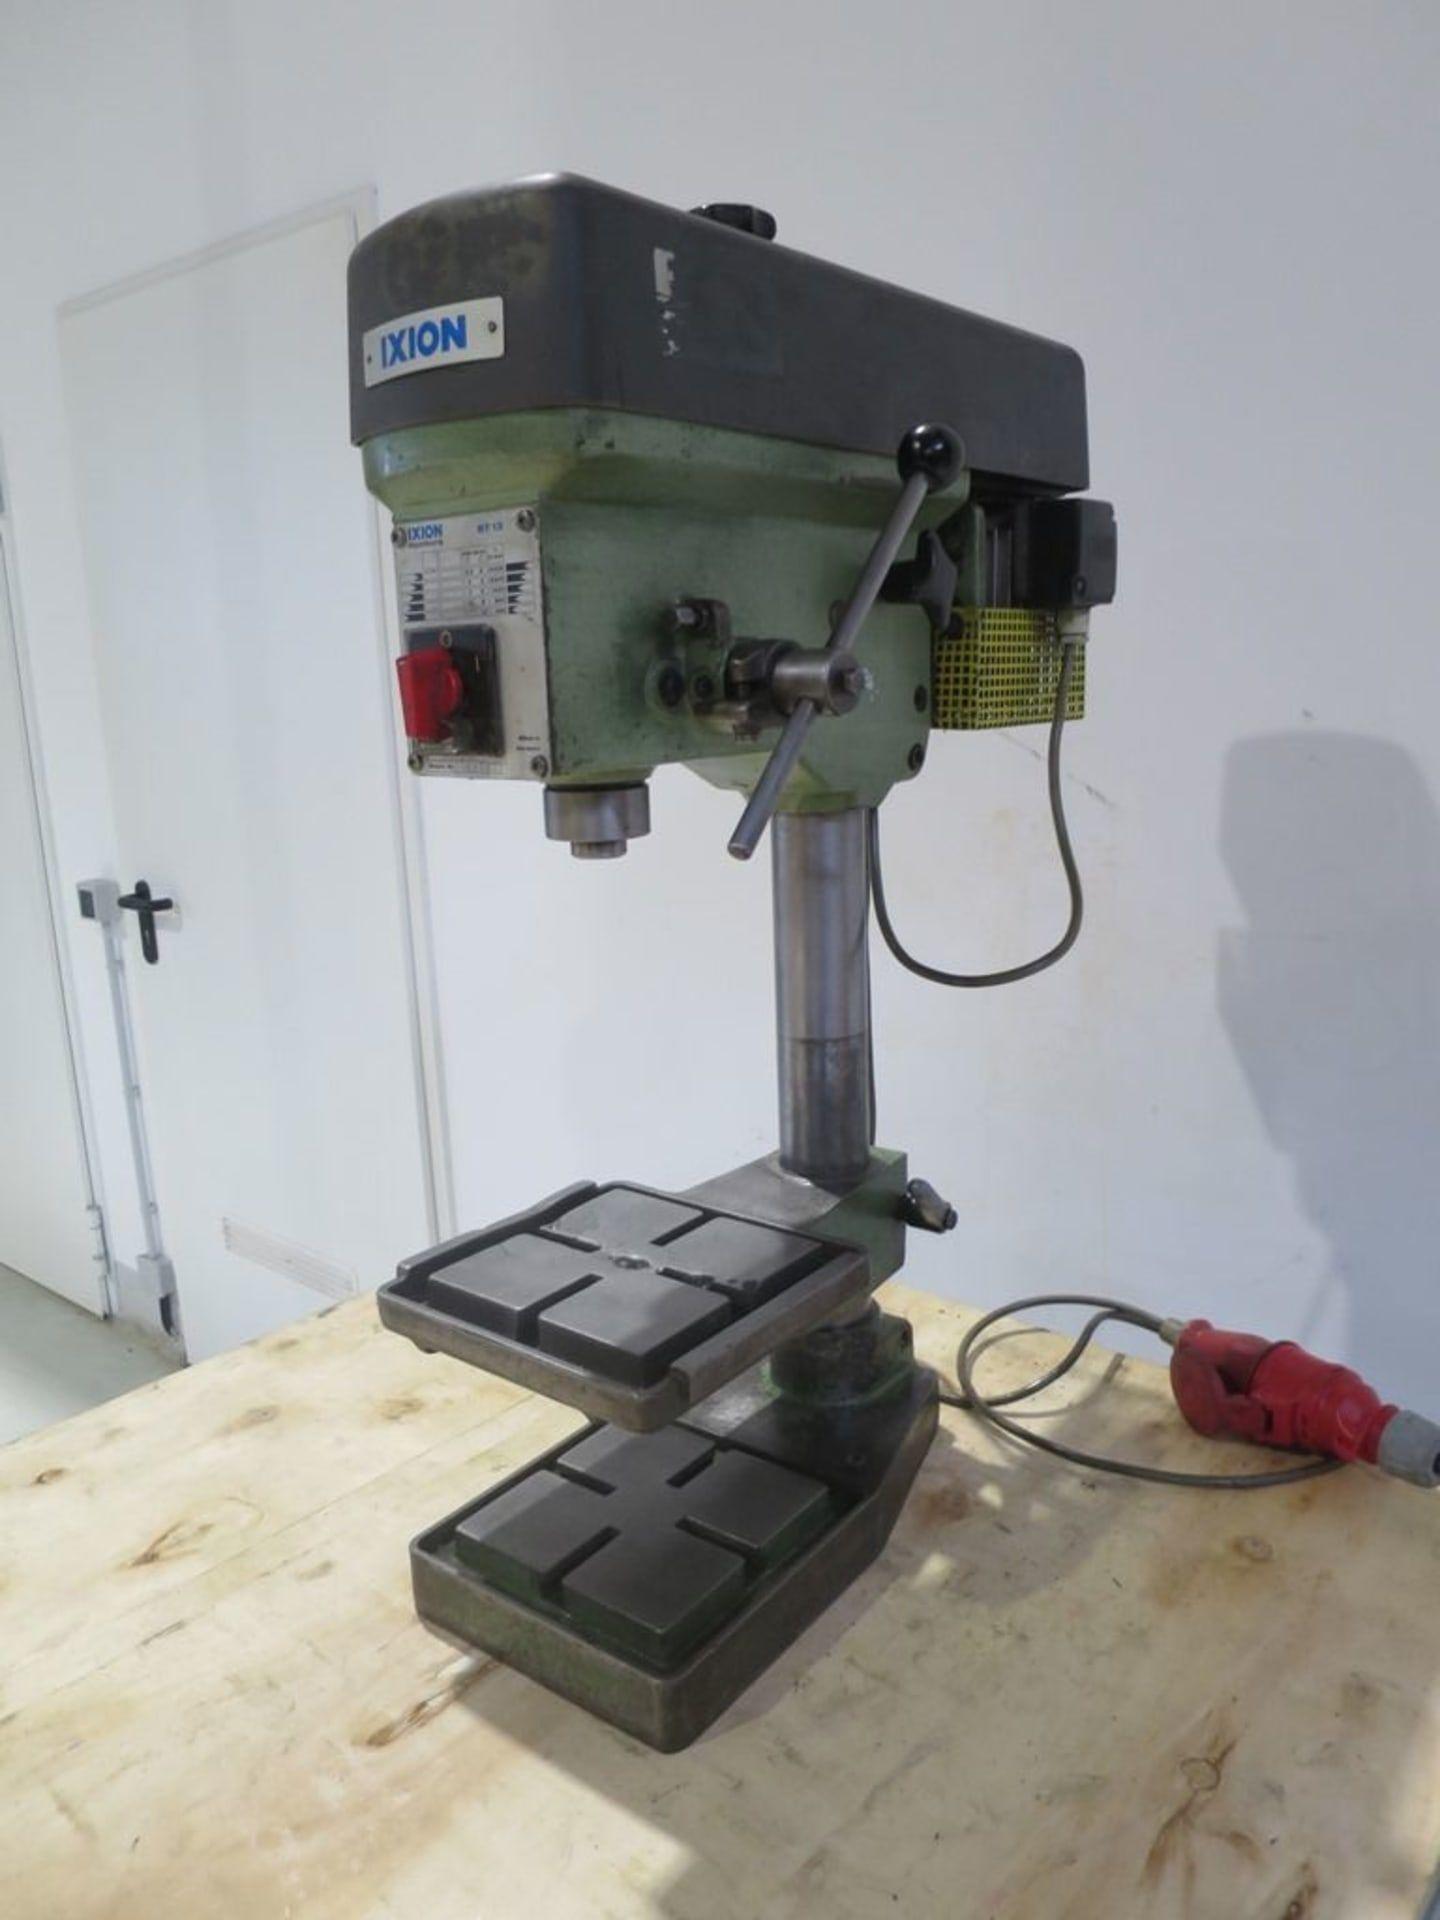 IXION BT 13 Tischbohrmaschine